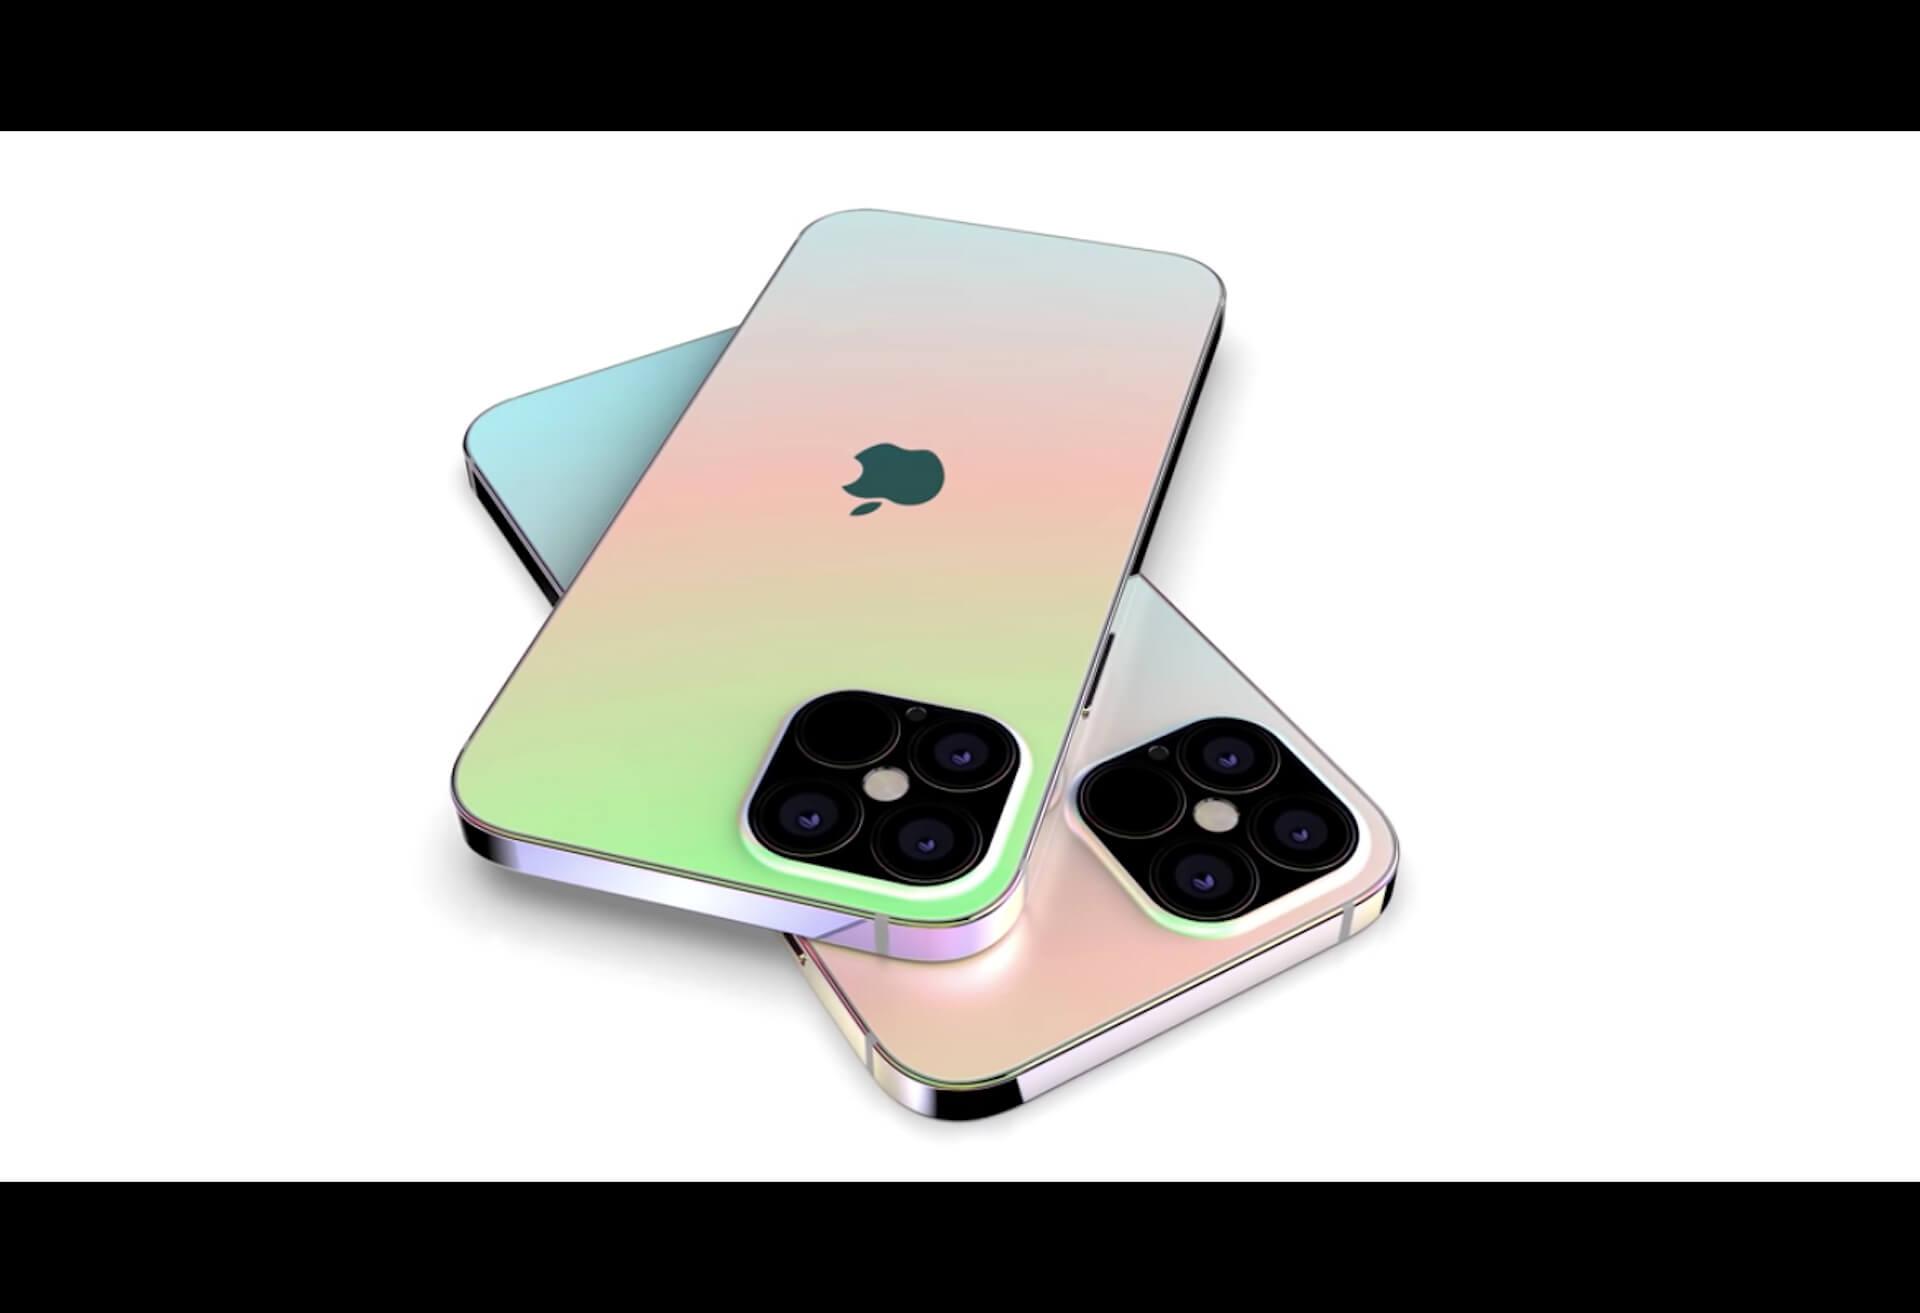 iPhone 12のProシリーズは航空宇宙産業用のアルミニウムフレームを使用か? tech200814_iphone12pro_main